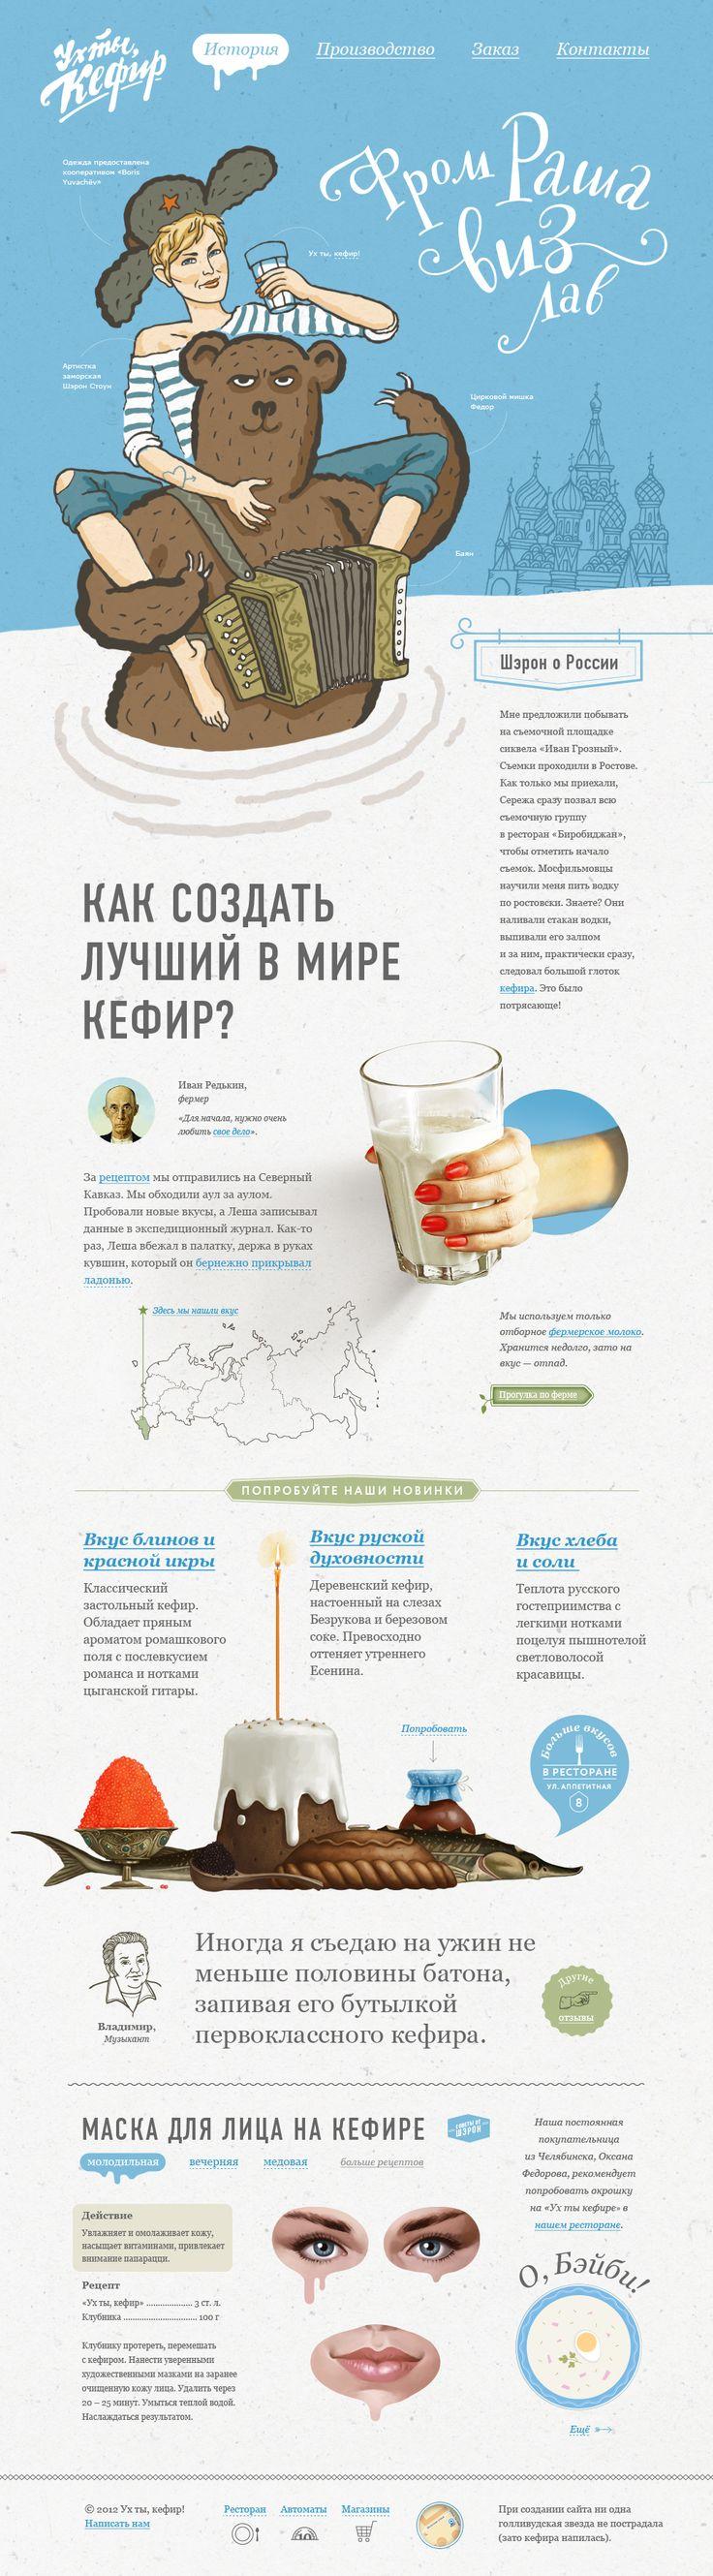 Unique Web Design on the Internet #webdesign #websitedesign #website #design http://www.pinterest.com/aldenchong/